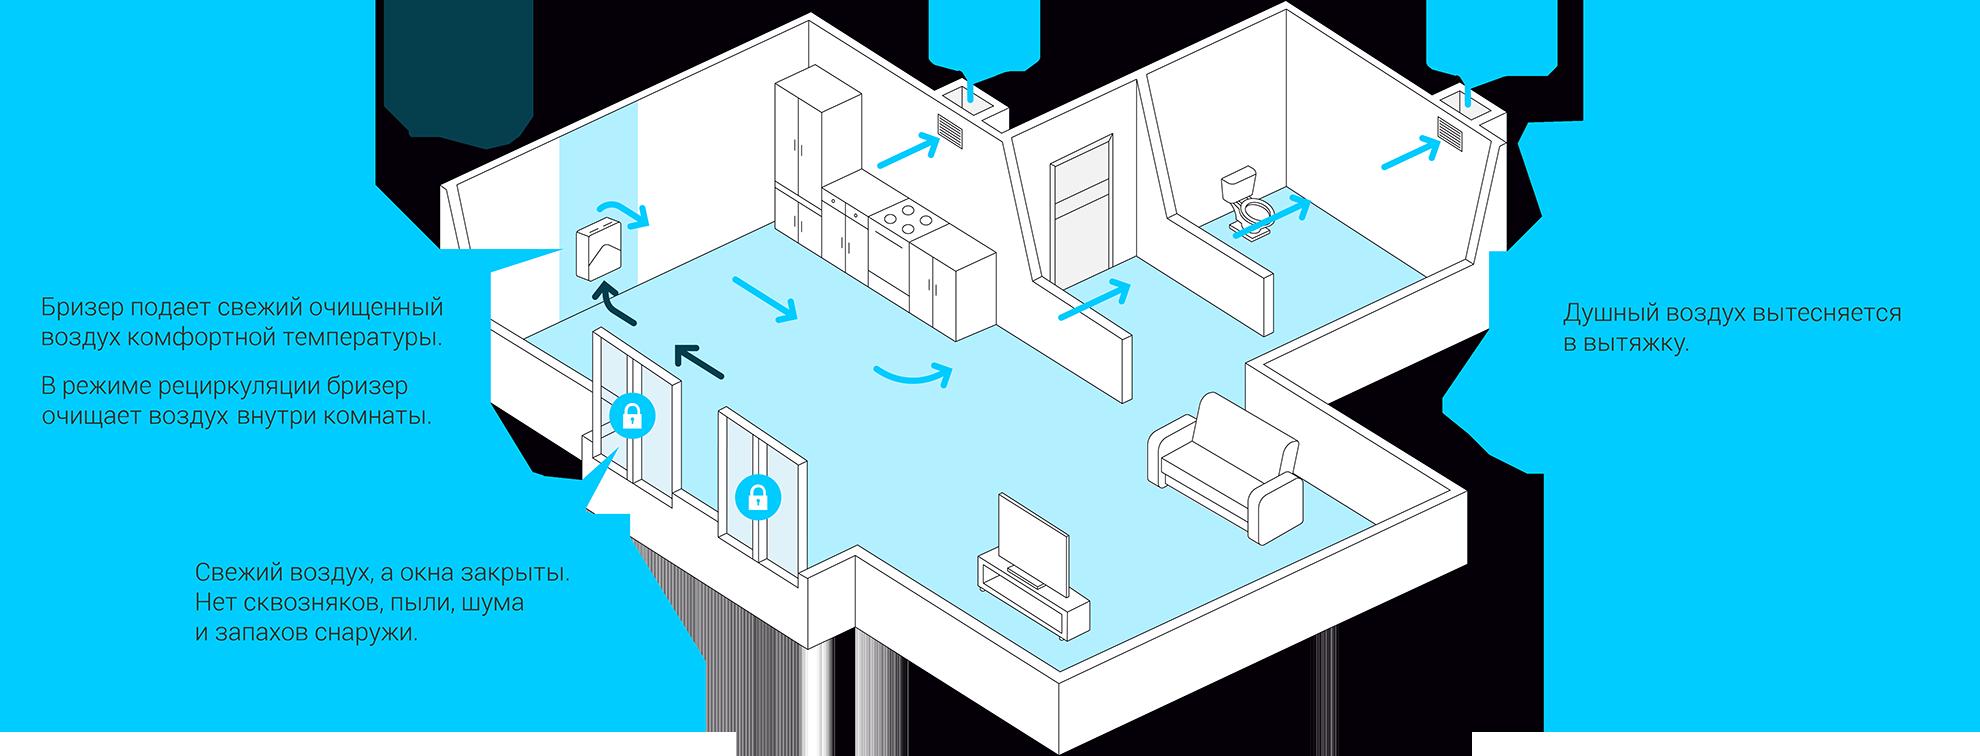 Бризер для квартиры — что это такое?